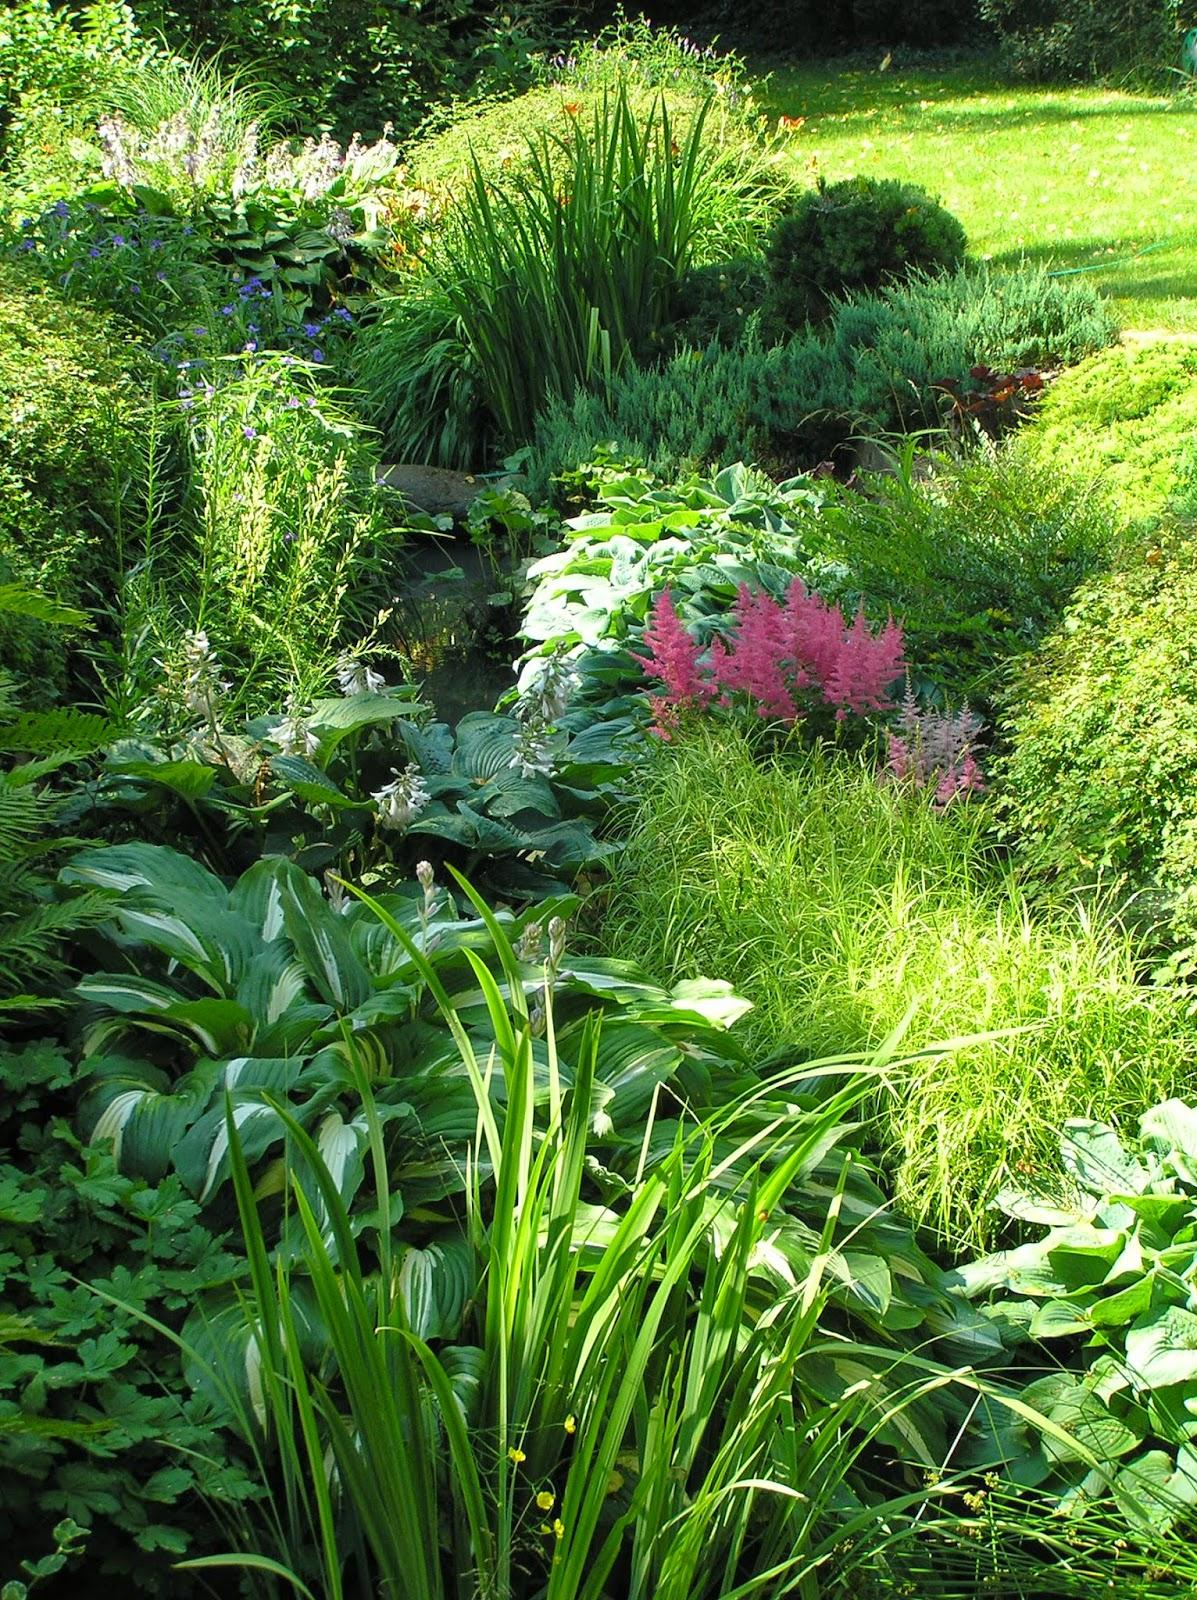 rów melioracyjny w ogrodzie